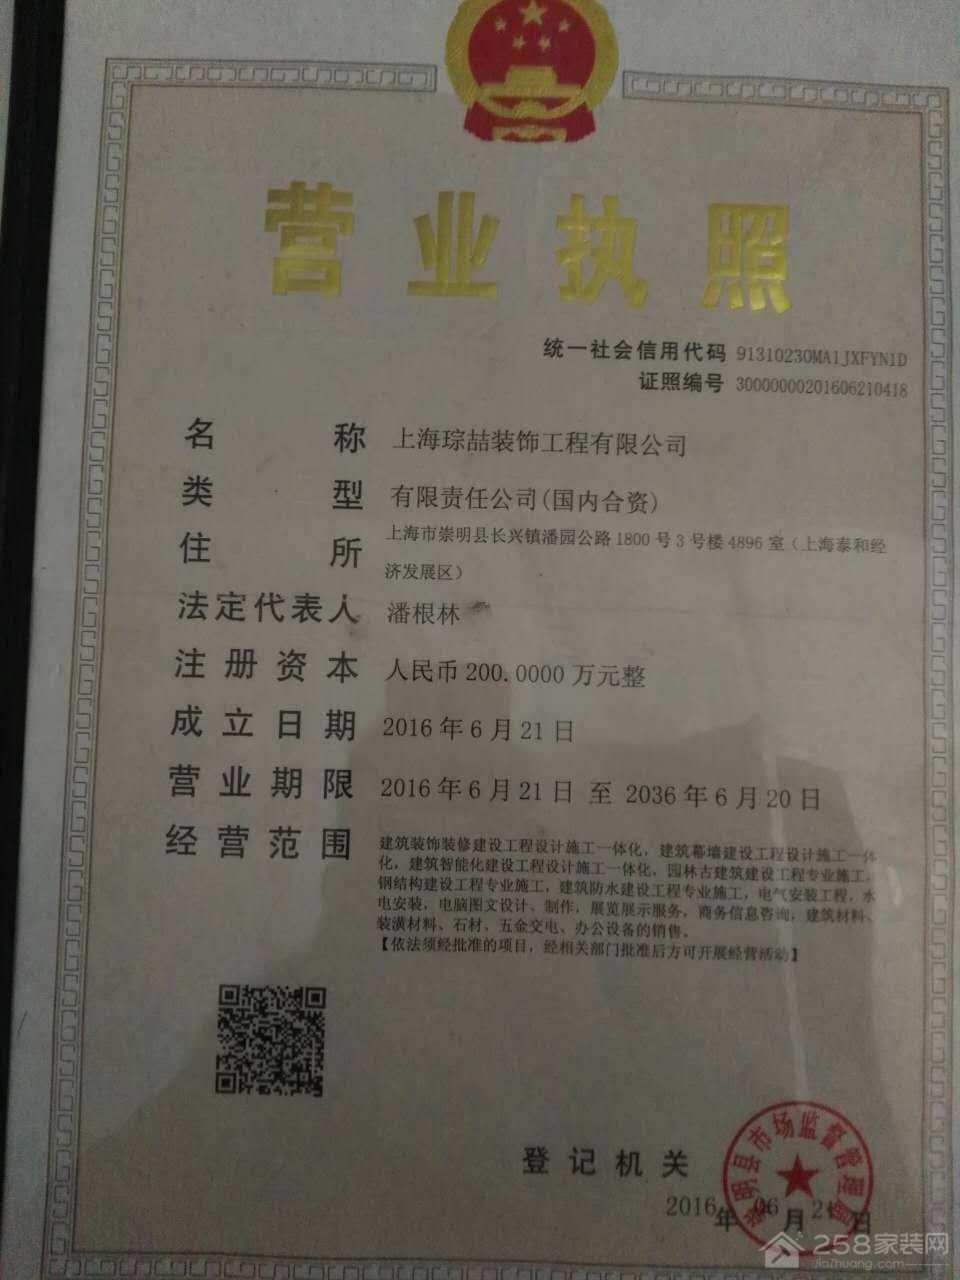 上海琮喆装饰工程有限公司